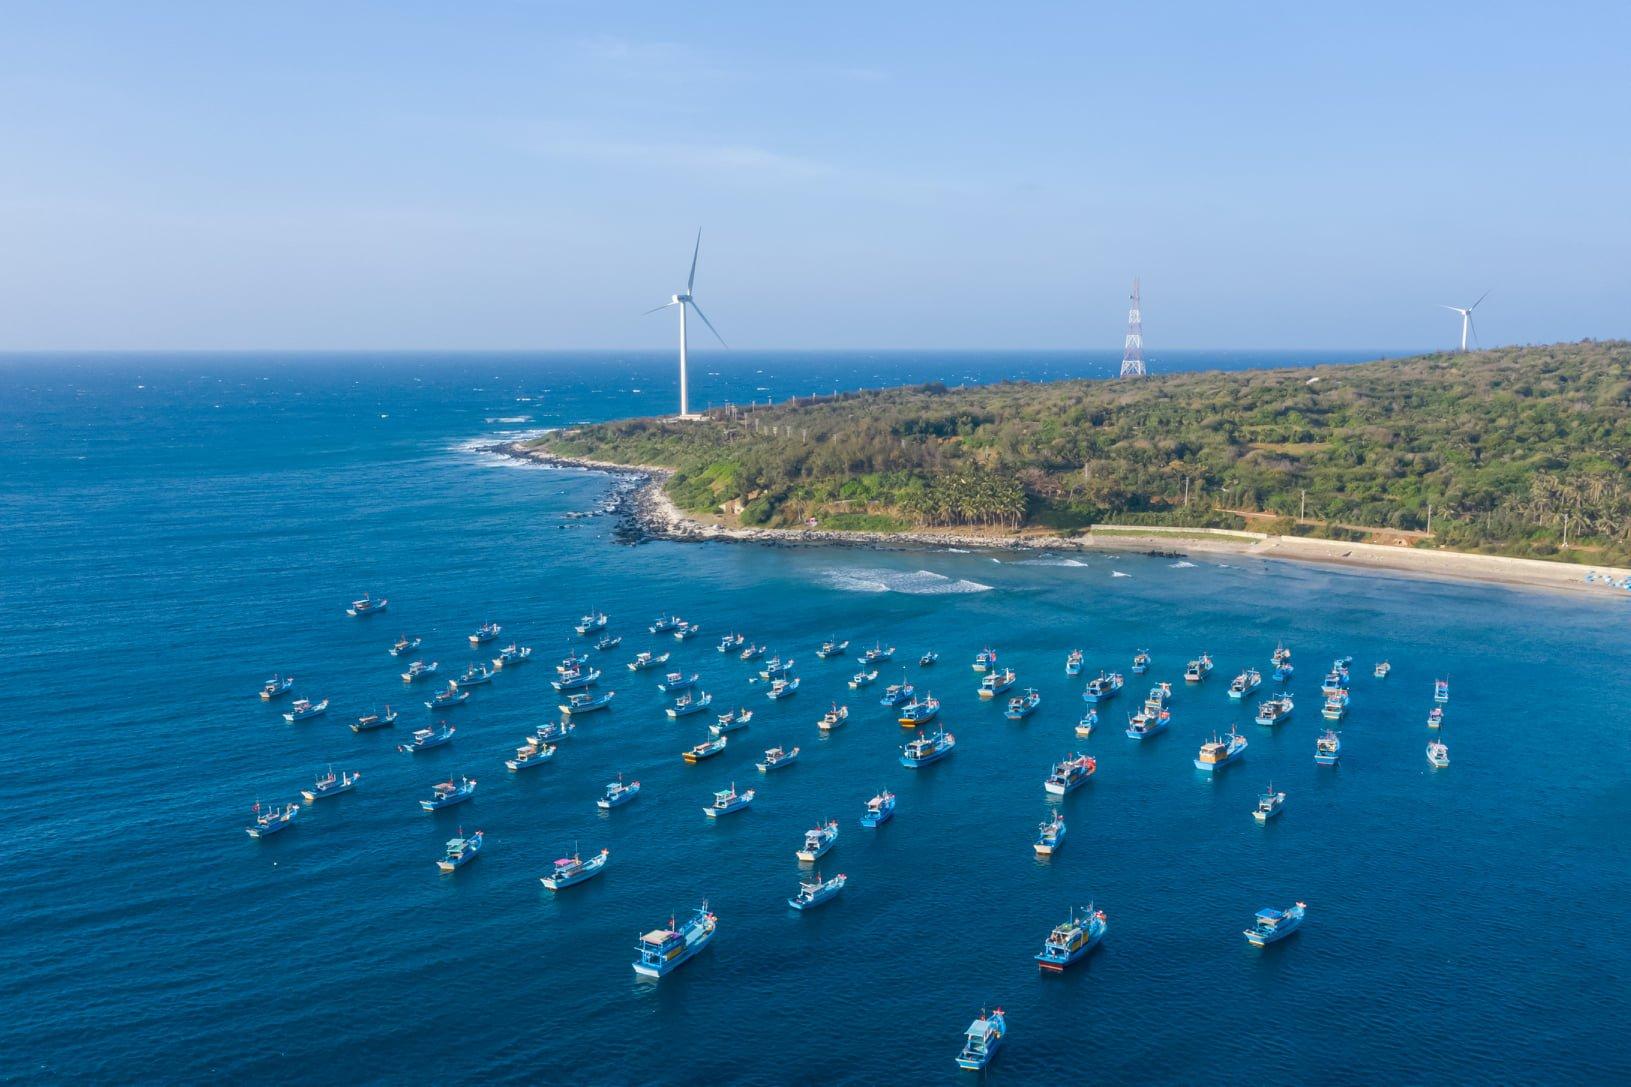 Gợi ý tour du lịch đảo Phú Quý